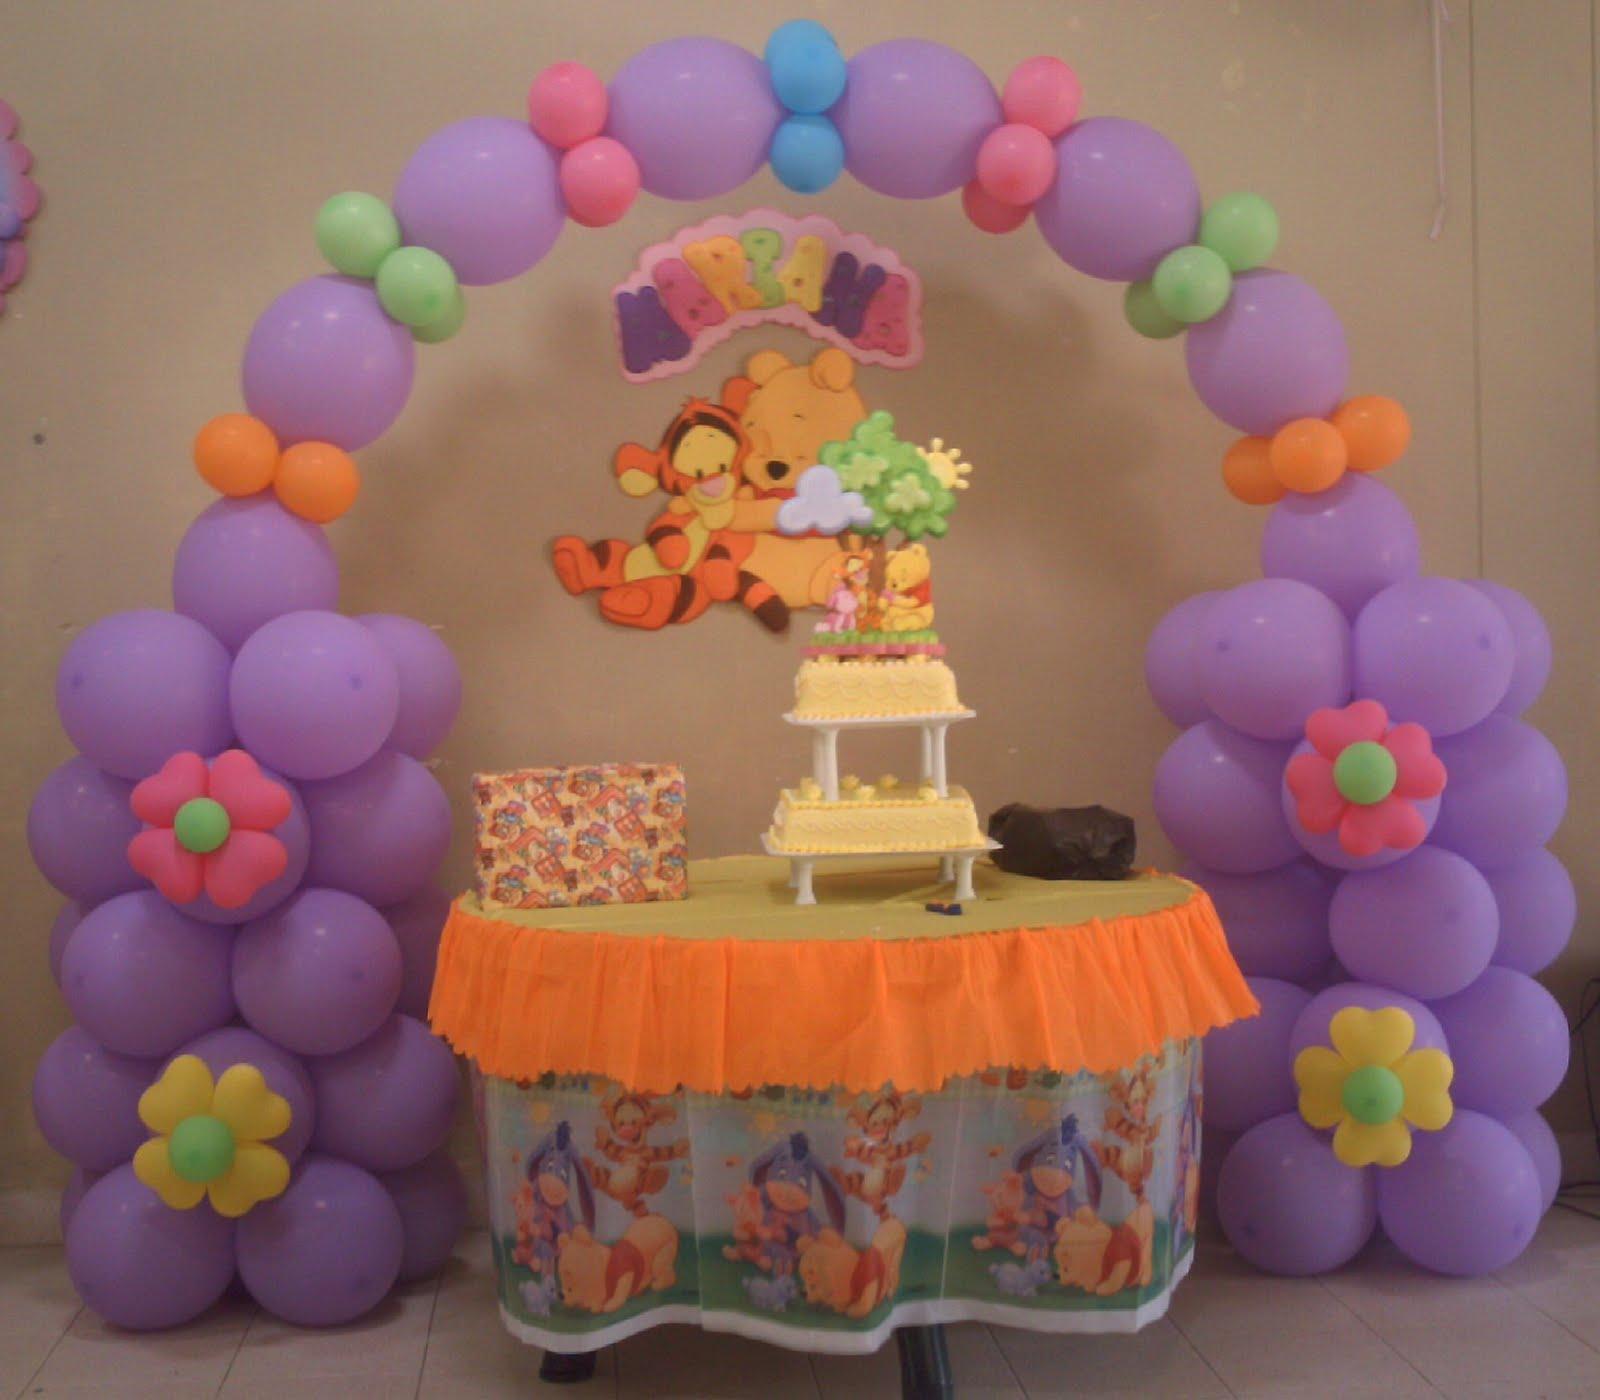 Decoracion de bebe winnie pooh imagui - Decoracion fiestas bebes ...